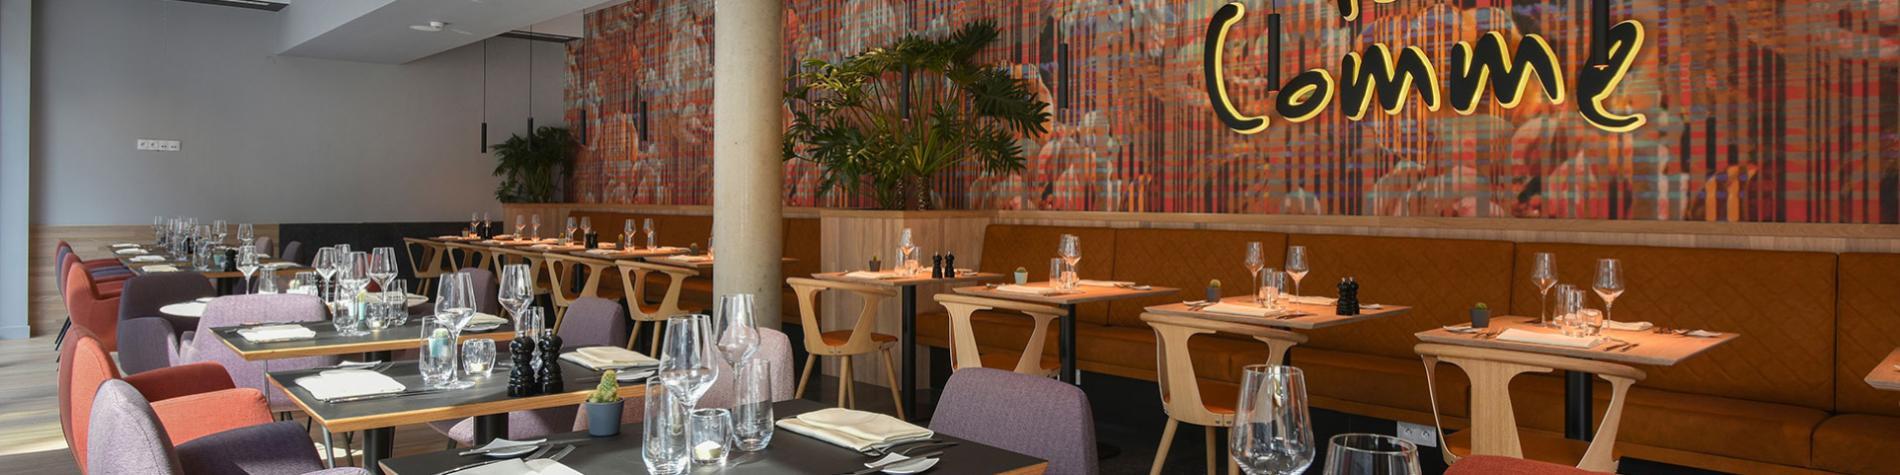 salle de restaurant avec tables dressées et inscription sur le mur